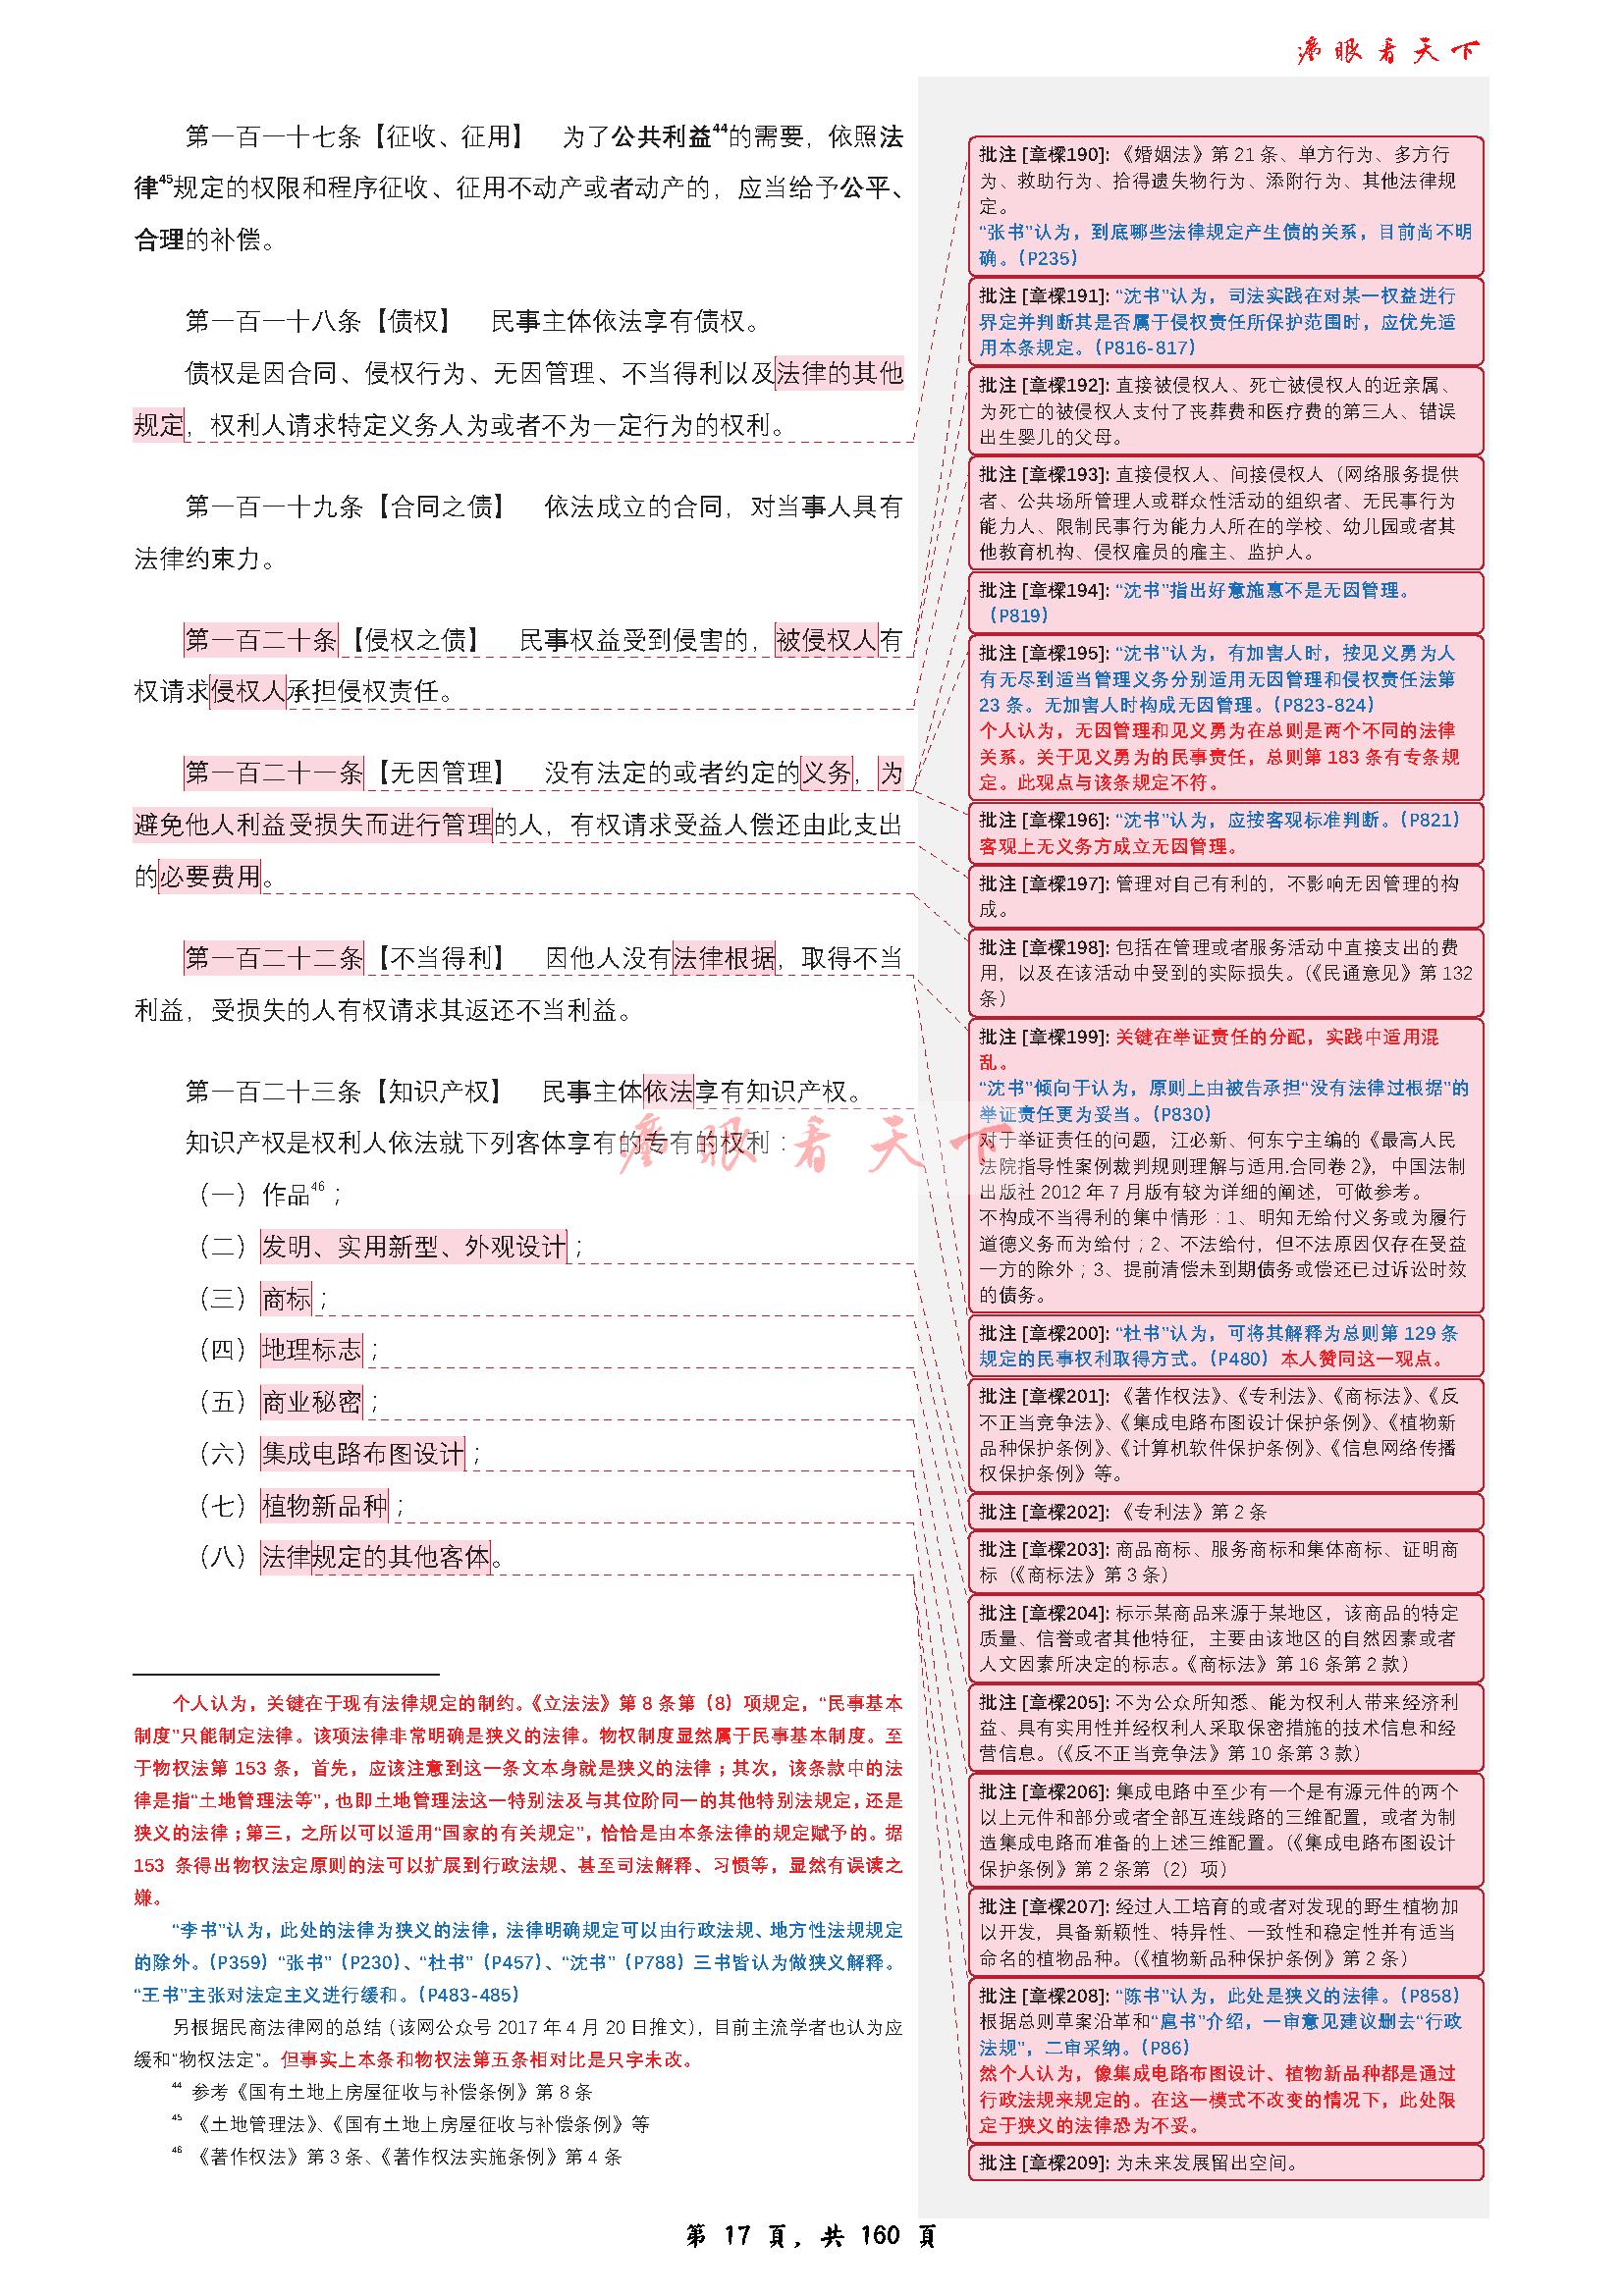 民法总则批注_页面_17.png